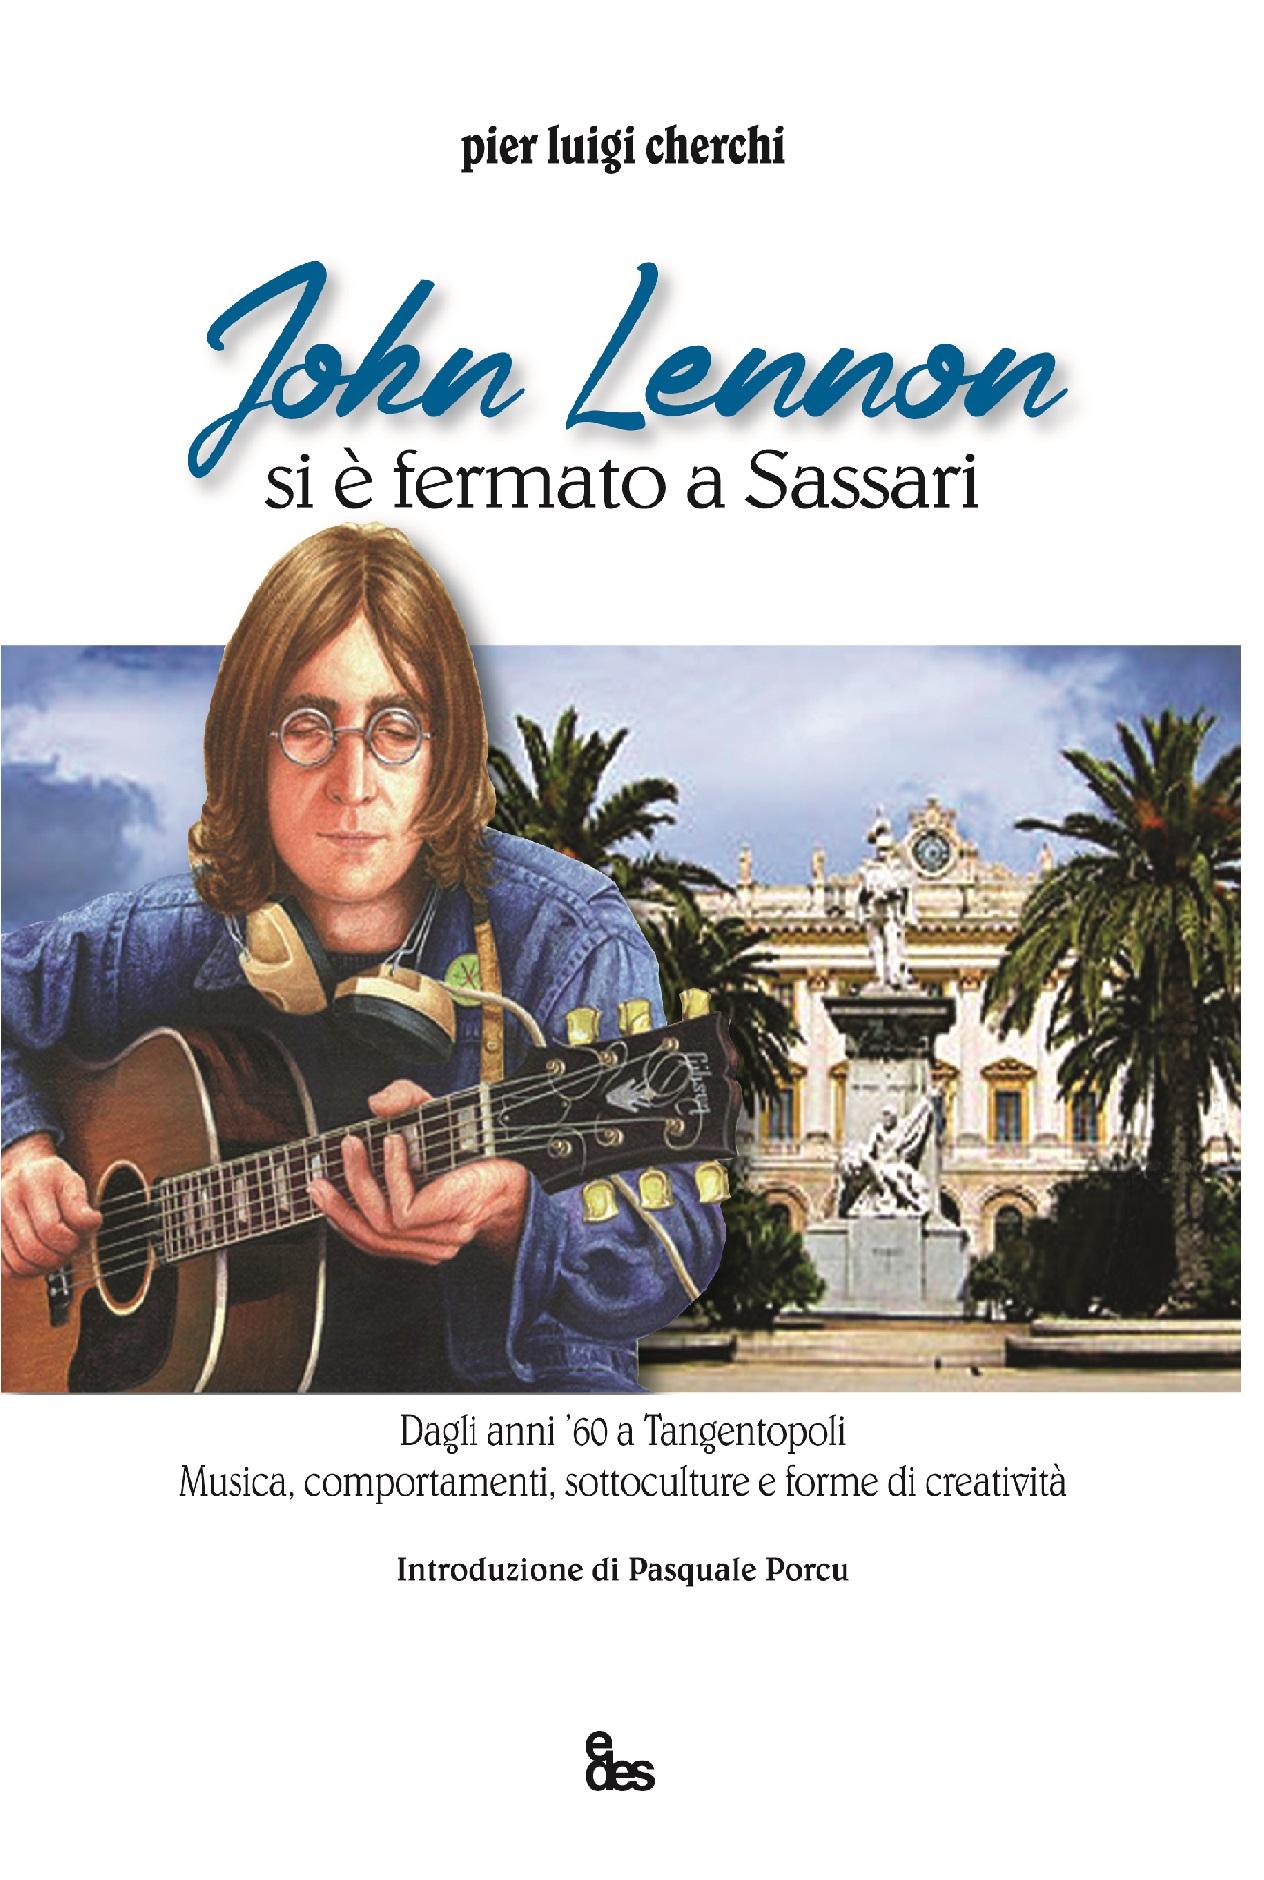 Il metaforico John Lennon di Pier Luigi, medico sassarese